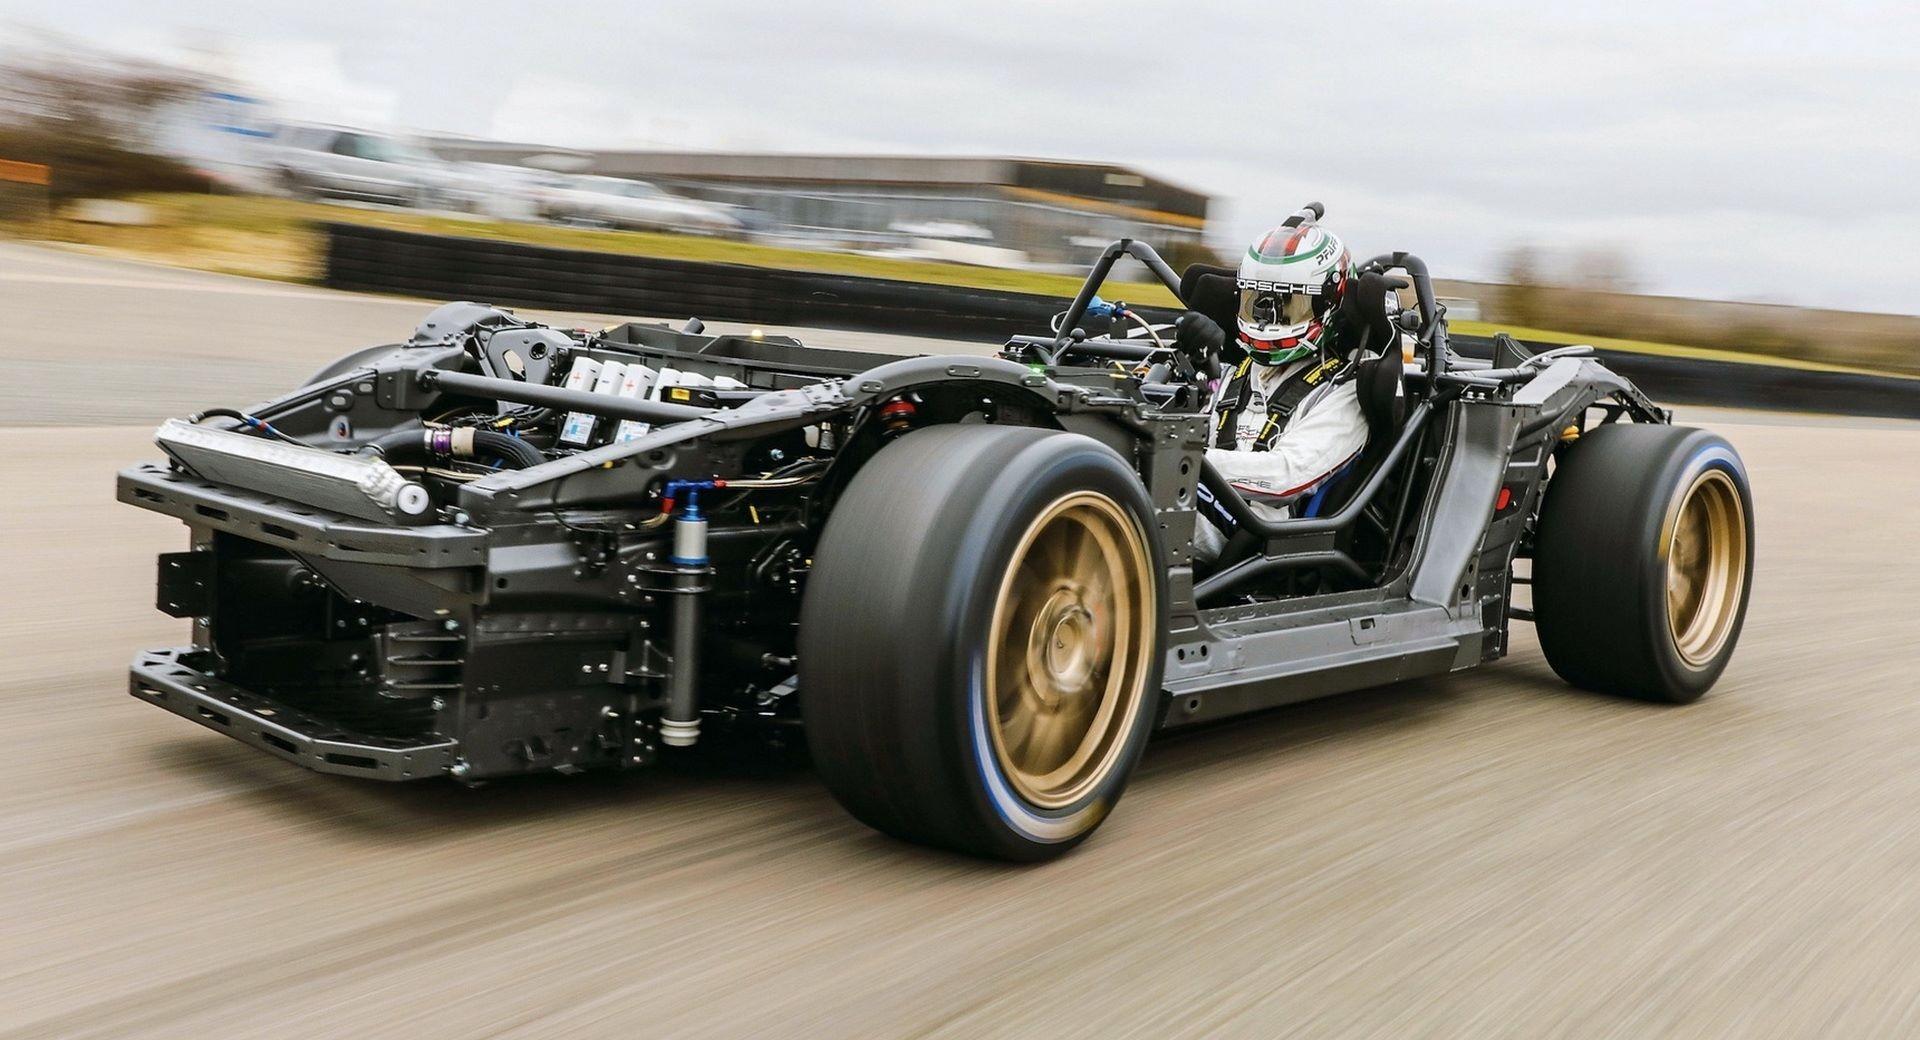 Porsche-Mission-R-concept-development-1